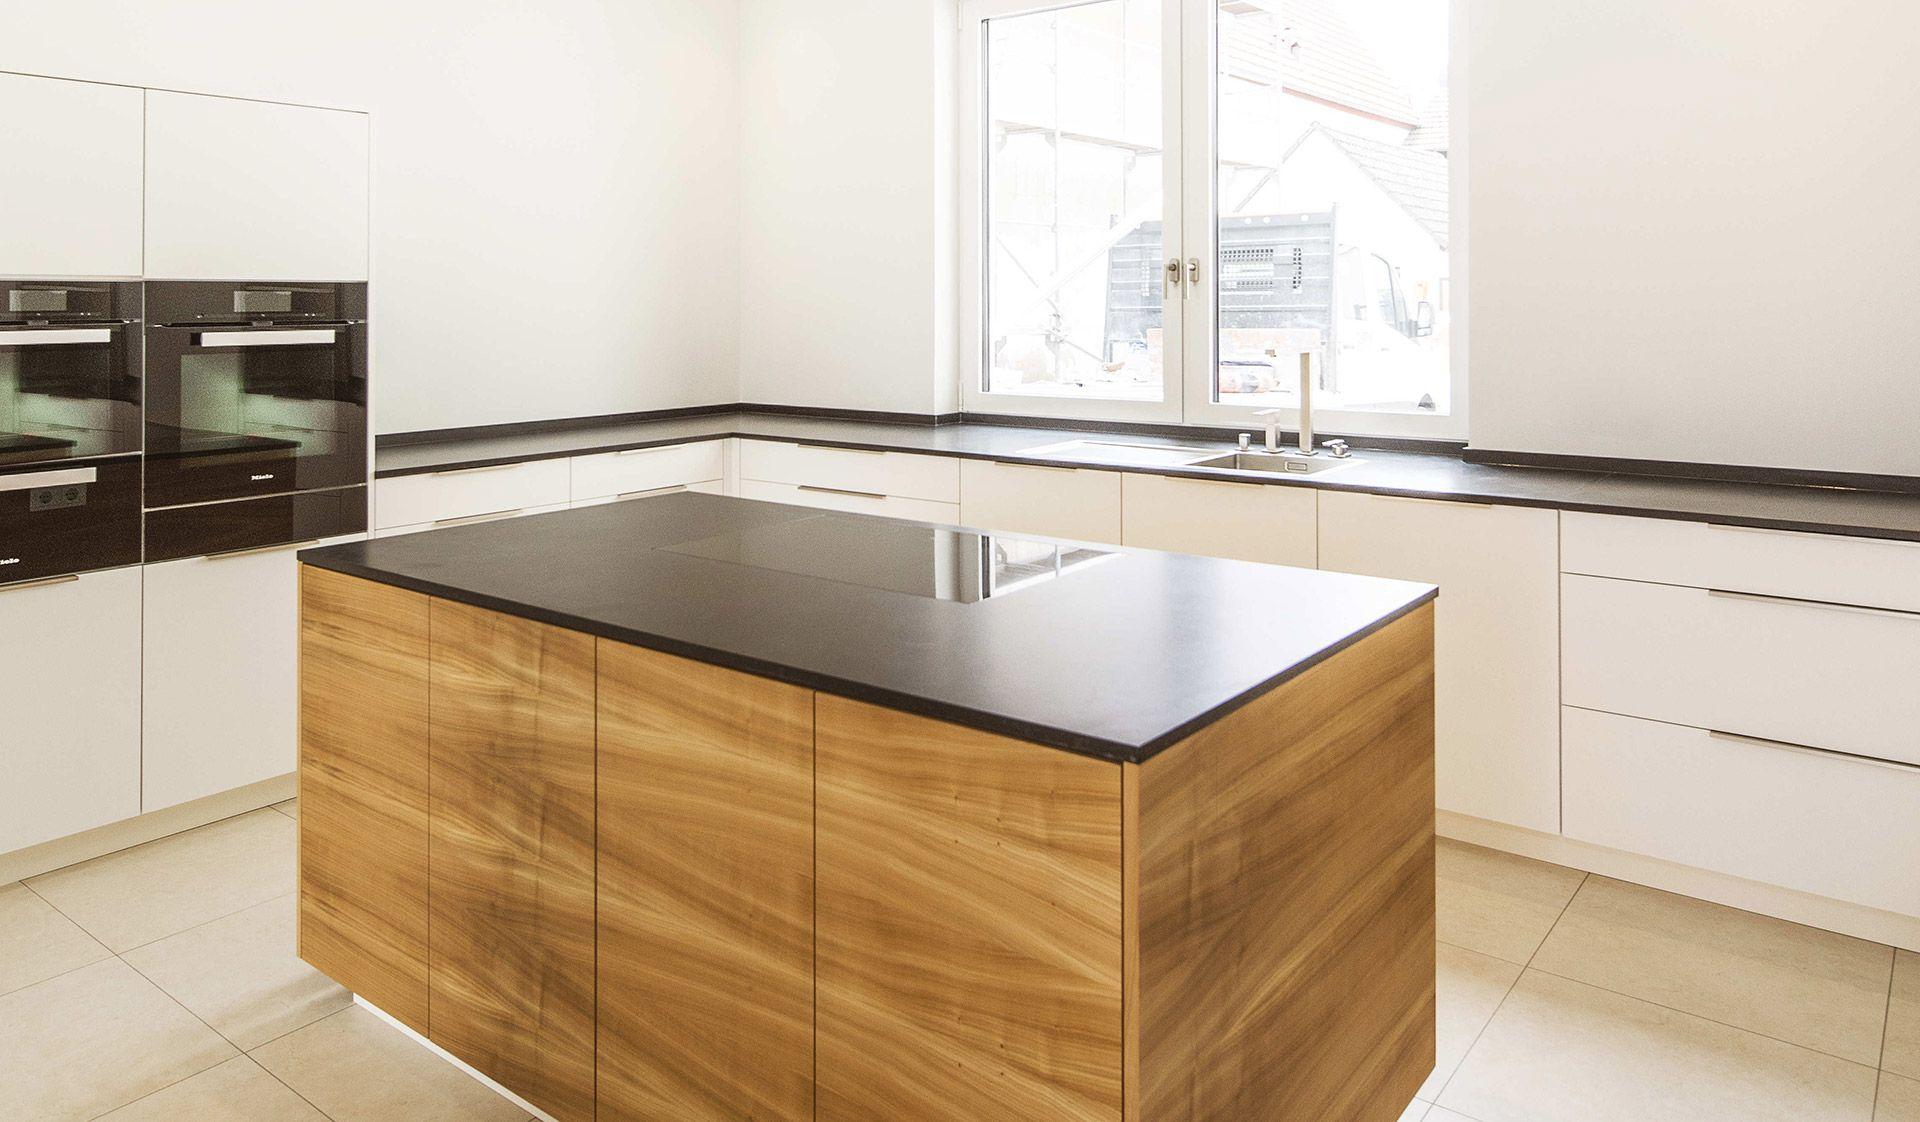 Mtb Kuche In Schleiflack Weiss Kirschbaum Natur Arbeitsflachen Granit Nero Assoluto Kuche Haus Kuchen Moderne Kuche